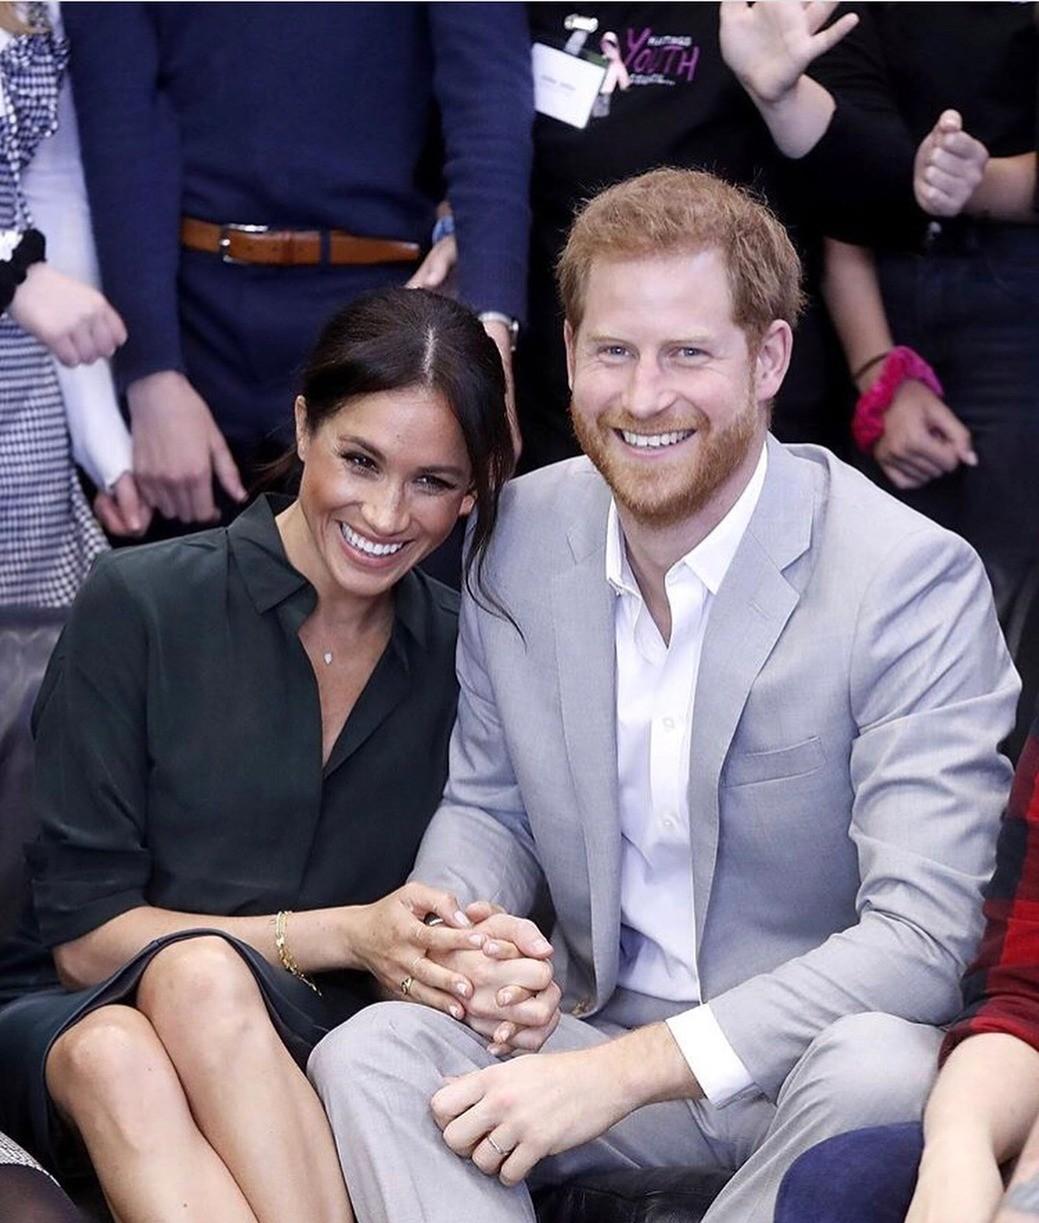 Принц Гарри и Меган Маркл Маркл не стесняются в проявлении своих чувств прилюдно, что не совсем характерно для членов королевской семьи. Но это дает экспертам шанс анализировать язык тела...